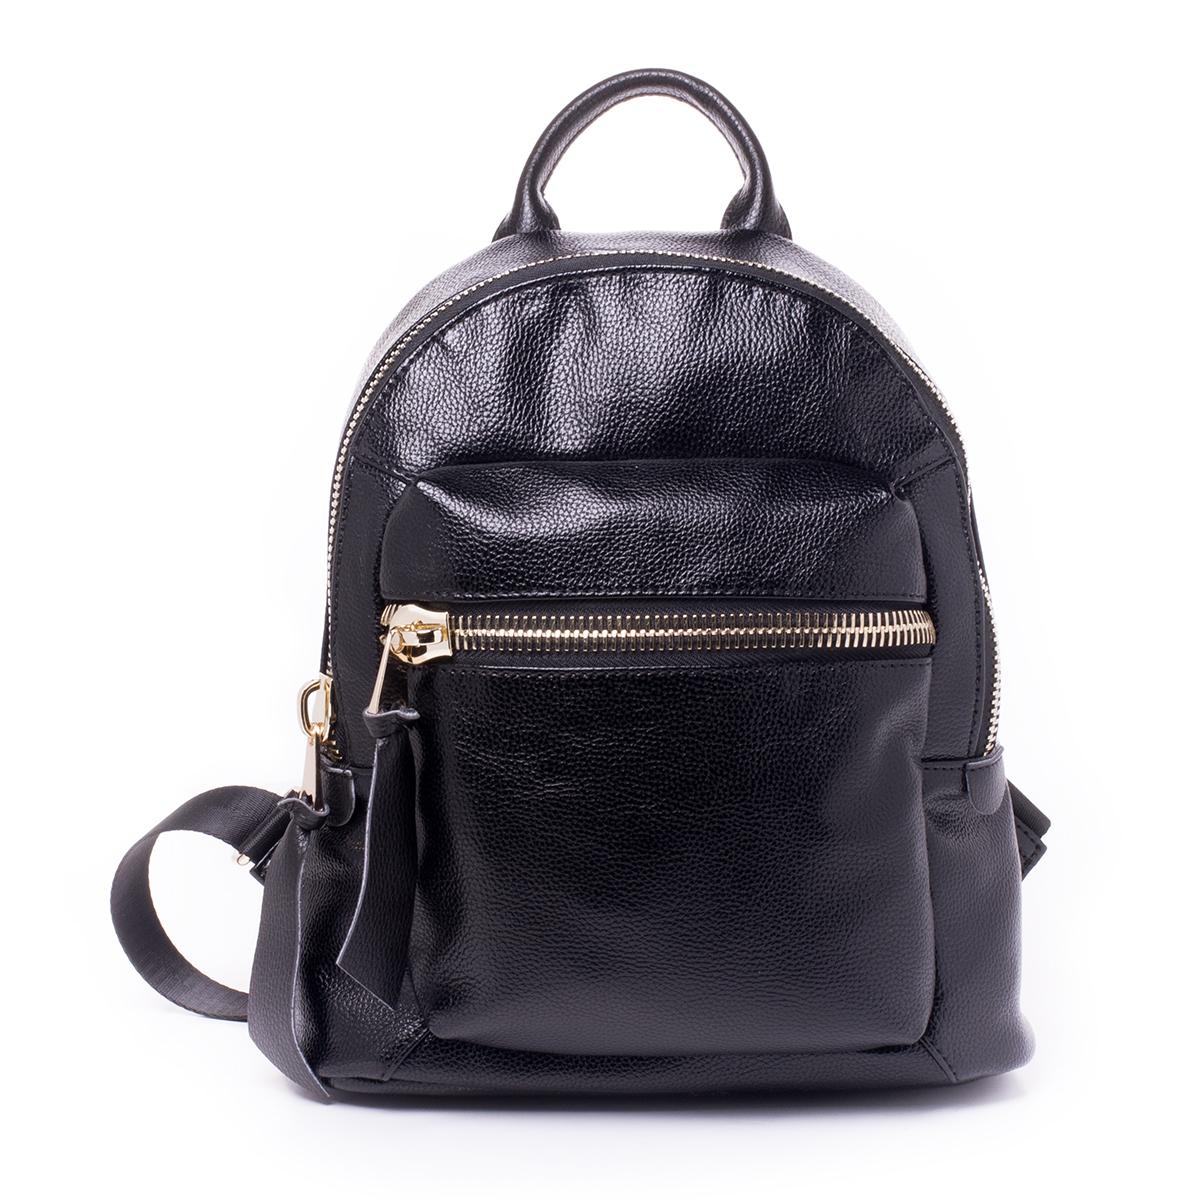 Рюкзак женский Baggini, цвет: черный. 29837/1029837/10Загрязнения на изделиях удаляется влажной мягкой тканью